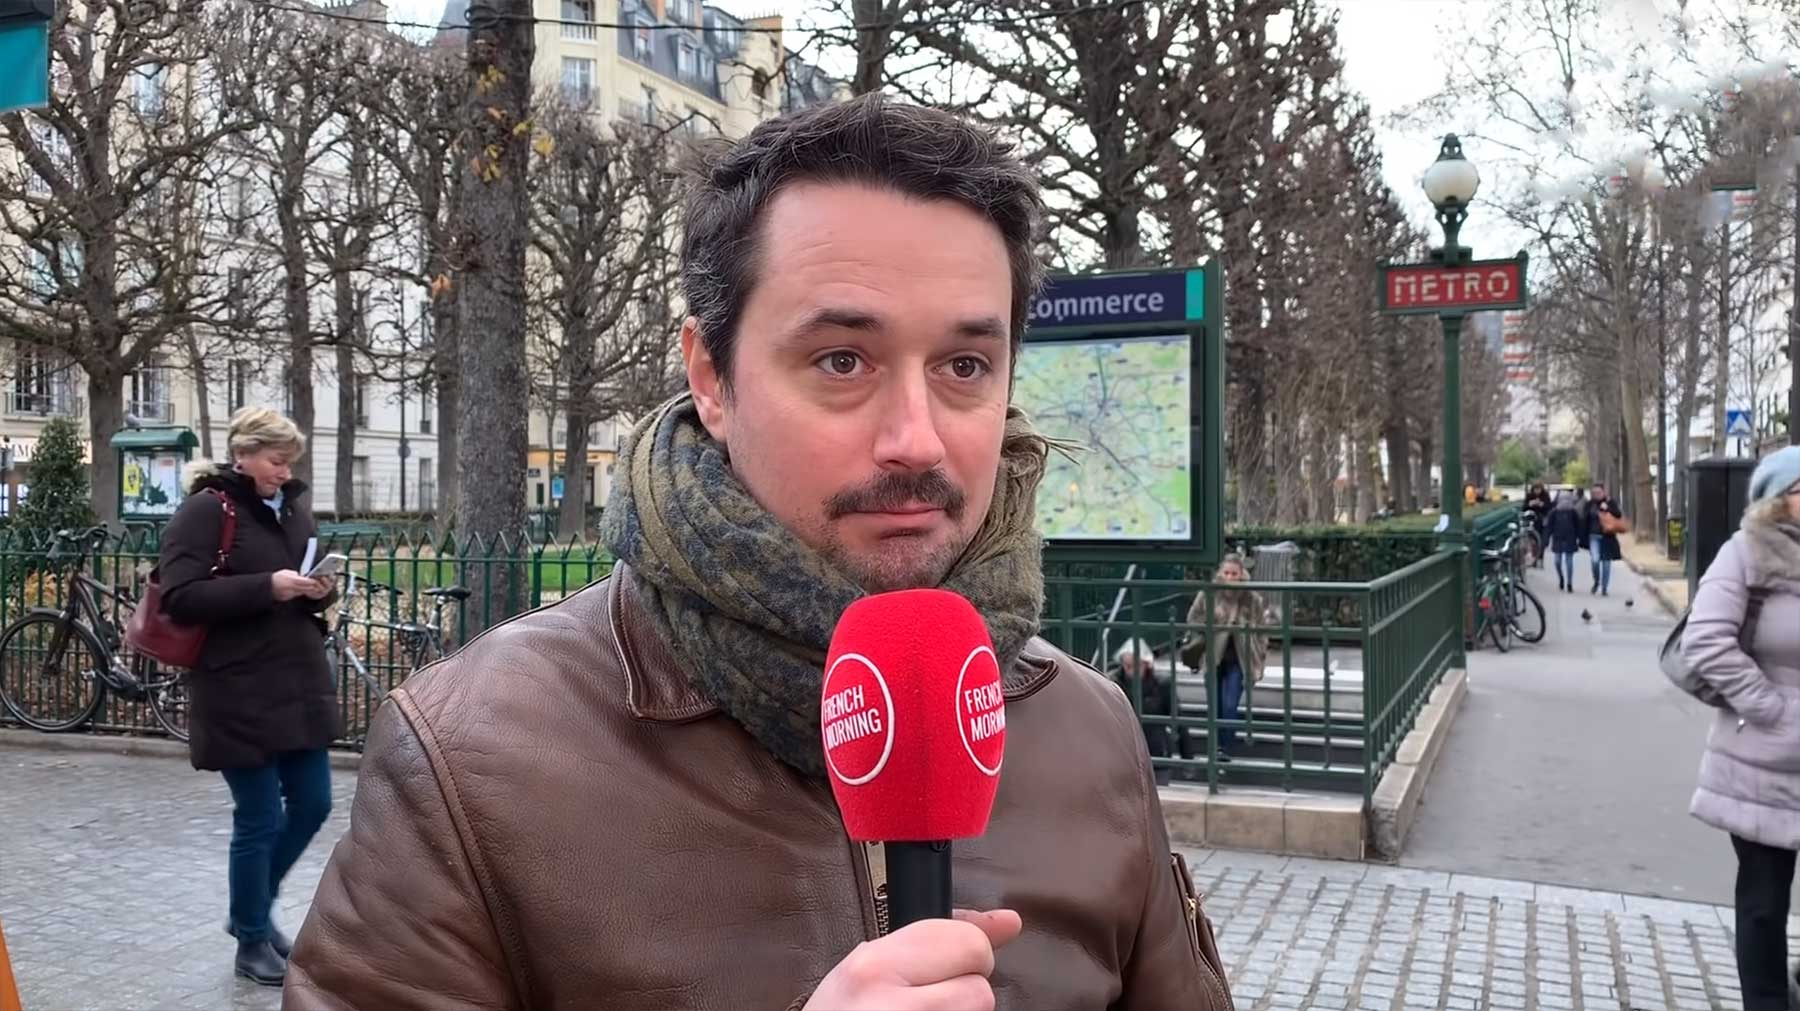 Franzosen versuchen, kuriose englische Begriffe auszusprochen